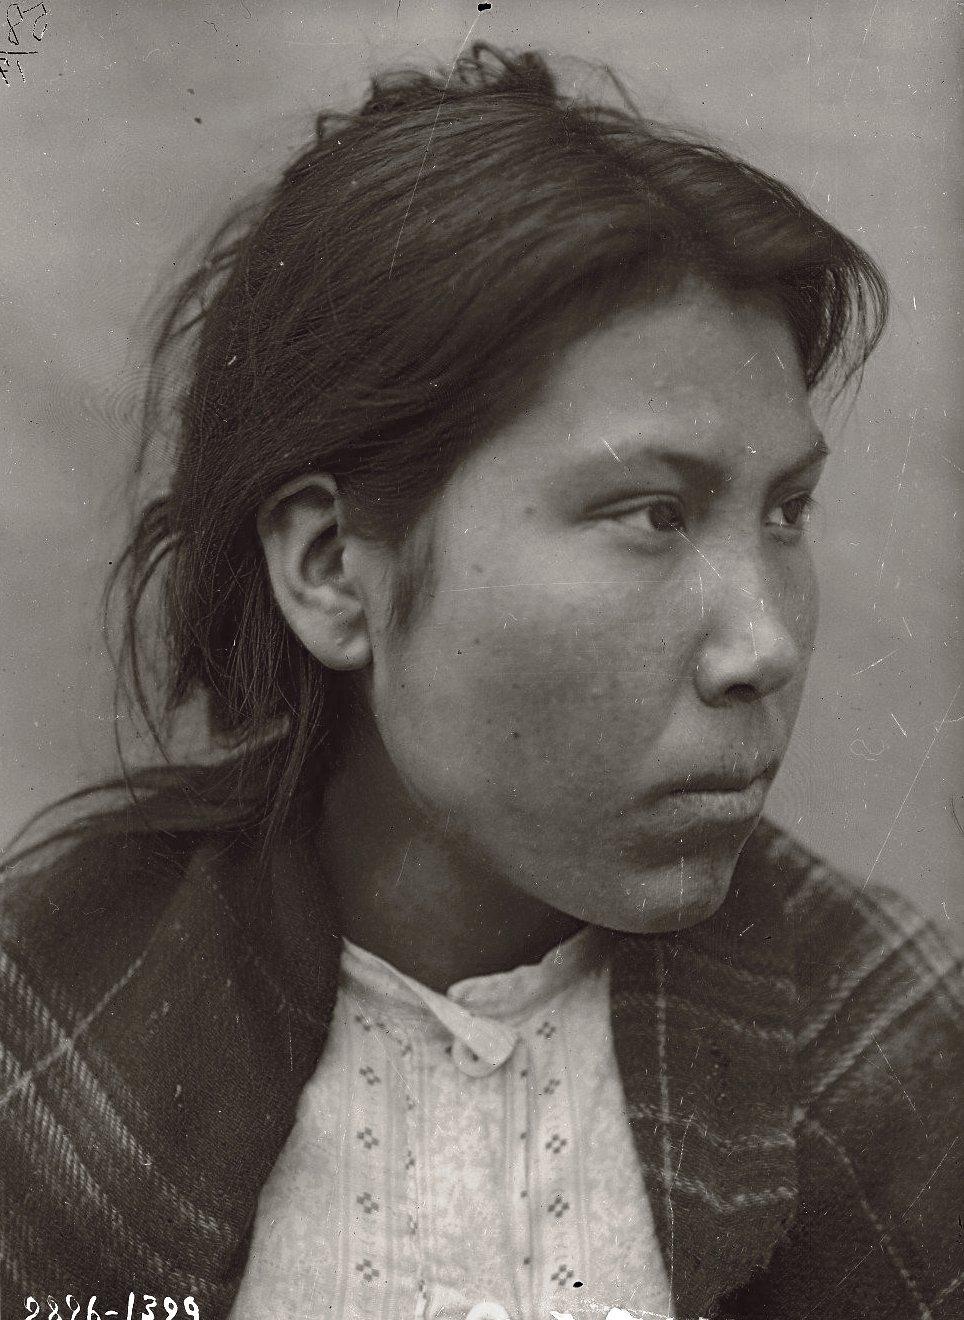 1909. Матрена Заочная. Андреяновские острова, Атка остров, сентябрь - октябрь